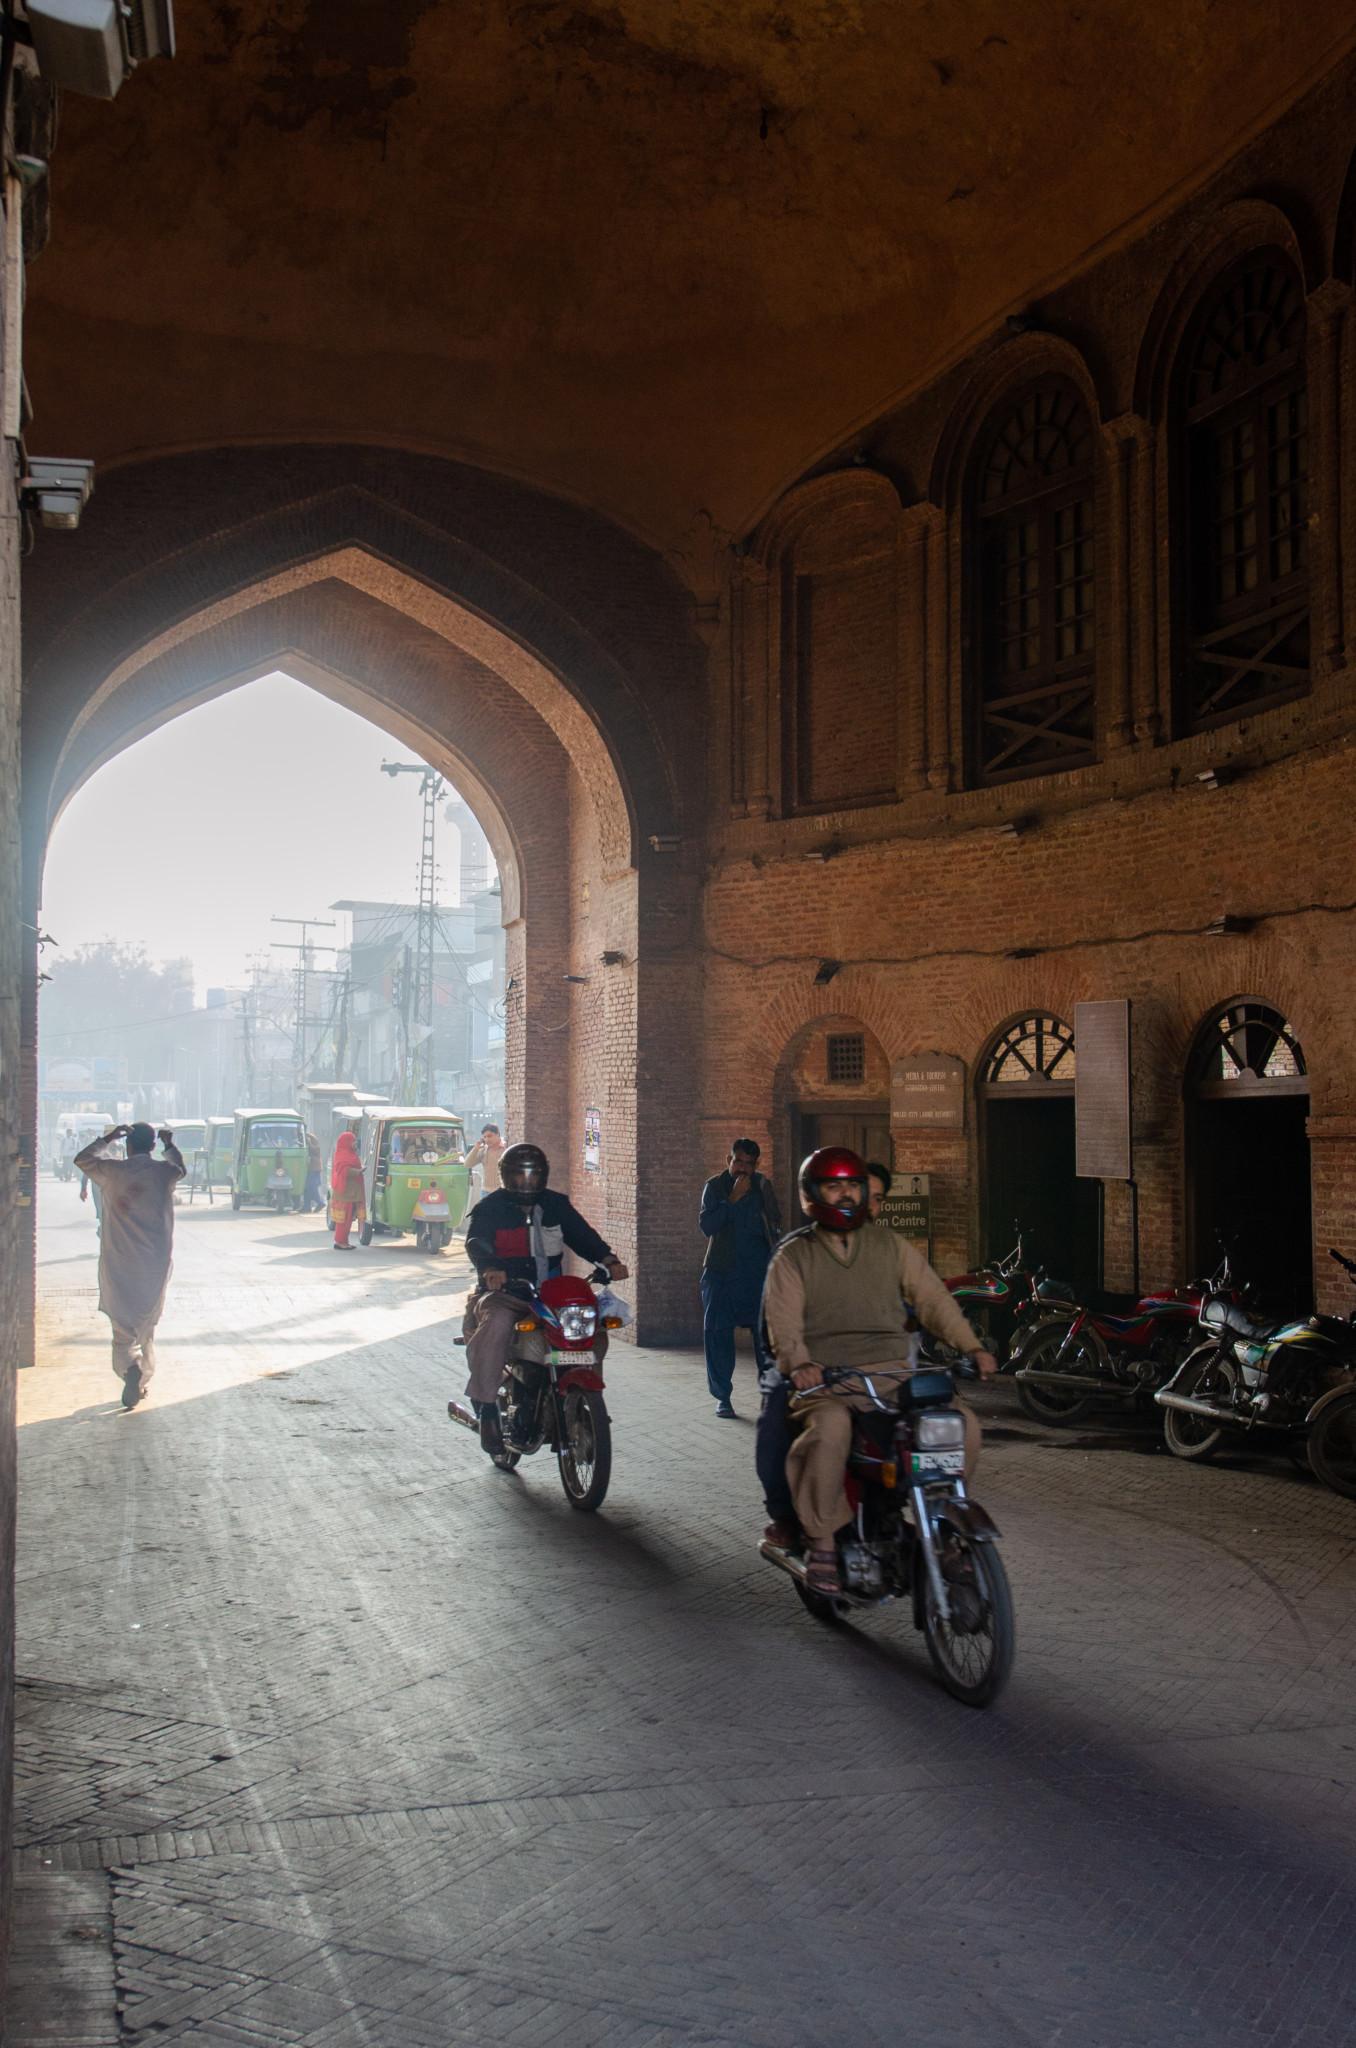 Mopedfahrer in der Walled City von Lahore